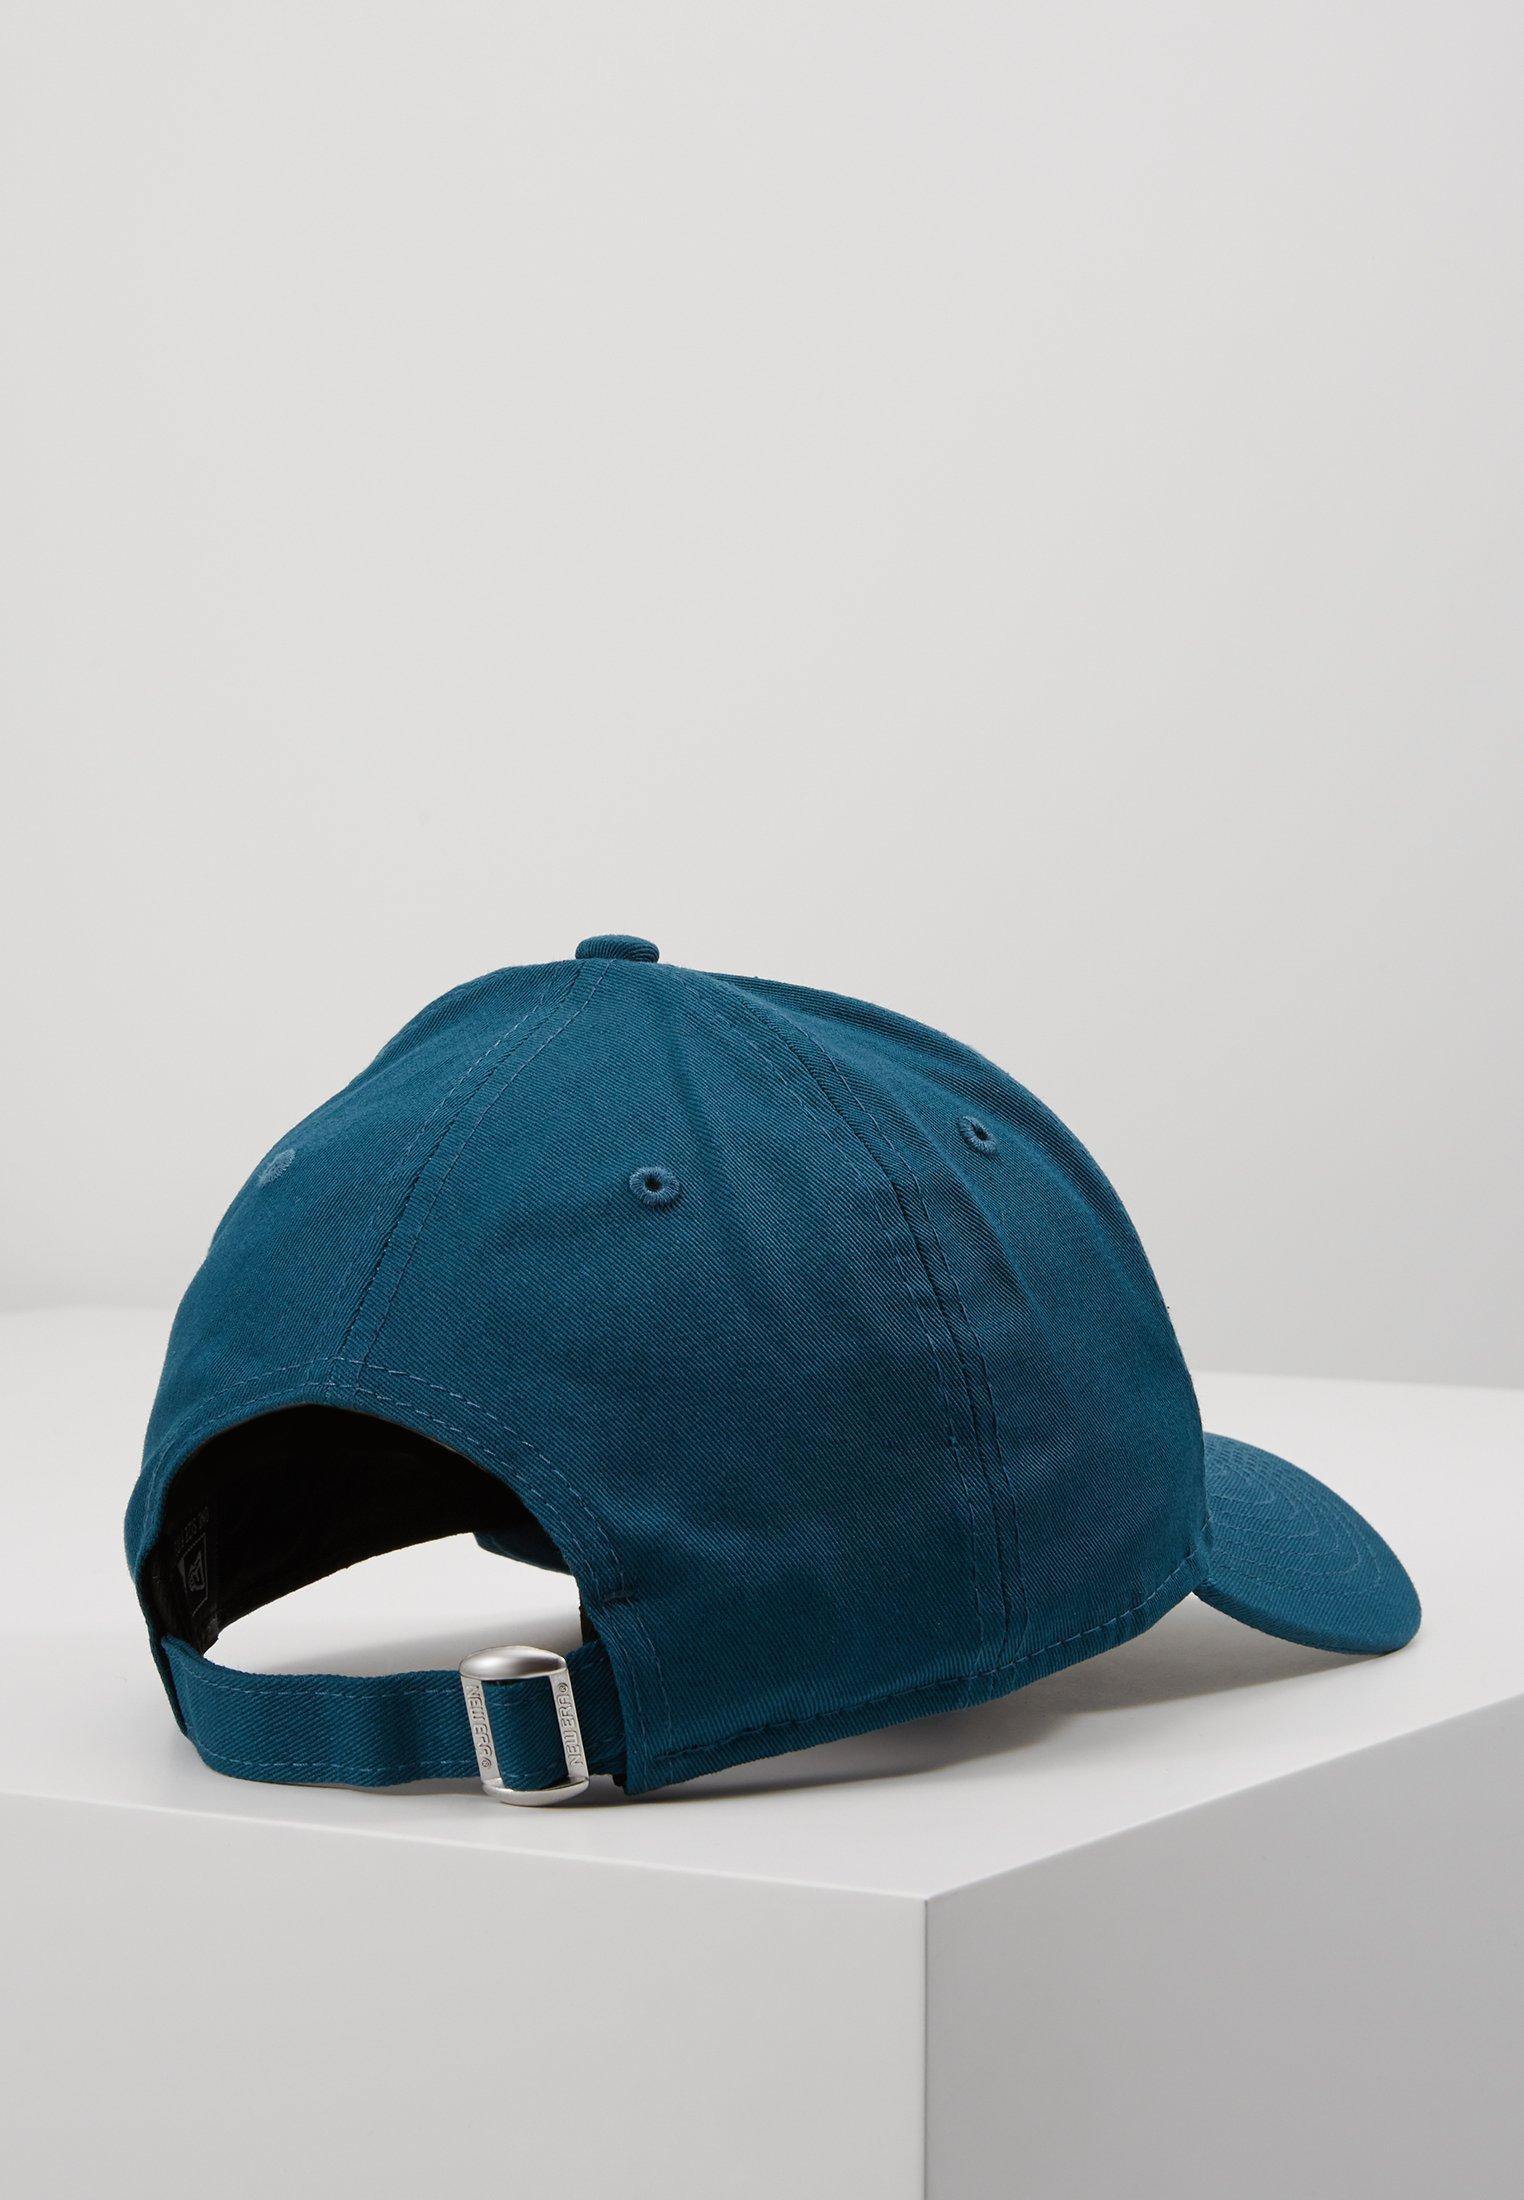 New Era Essential - Cap Turquoise/türkis